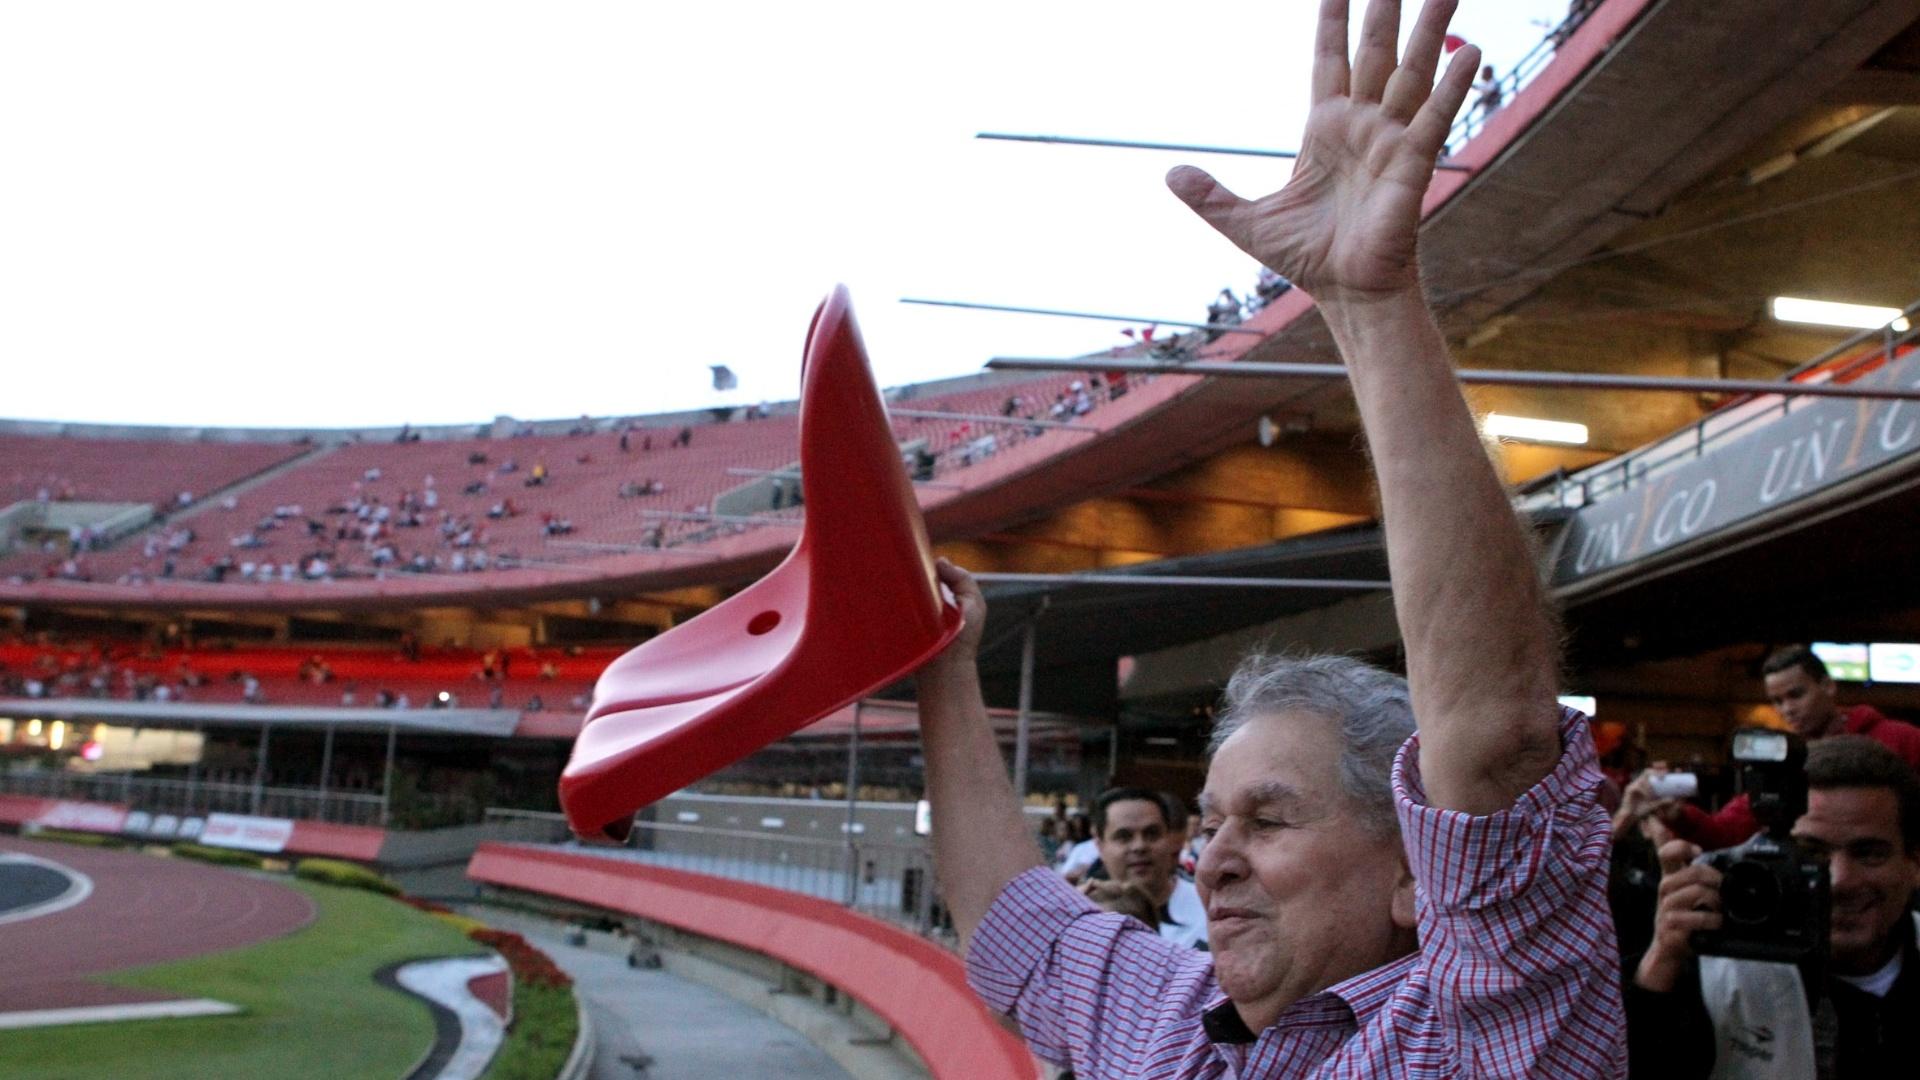 O presidente do São Paulo levanta cadeira vermelha como símbolo da campanha